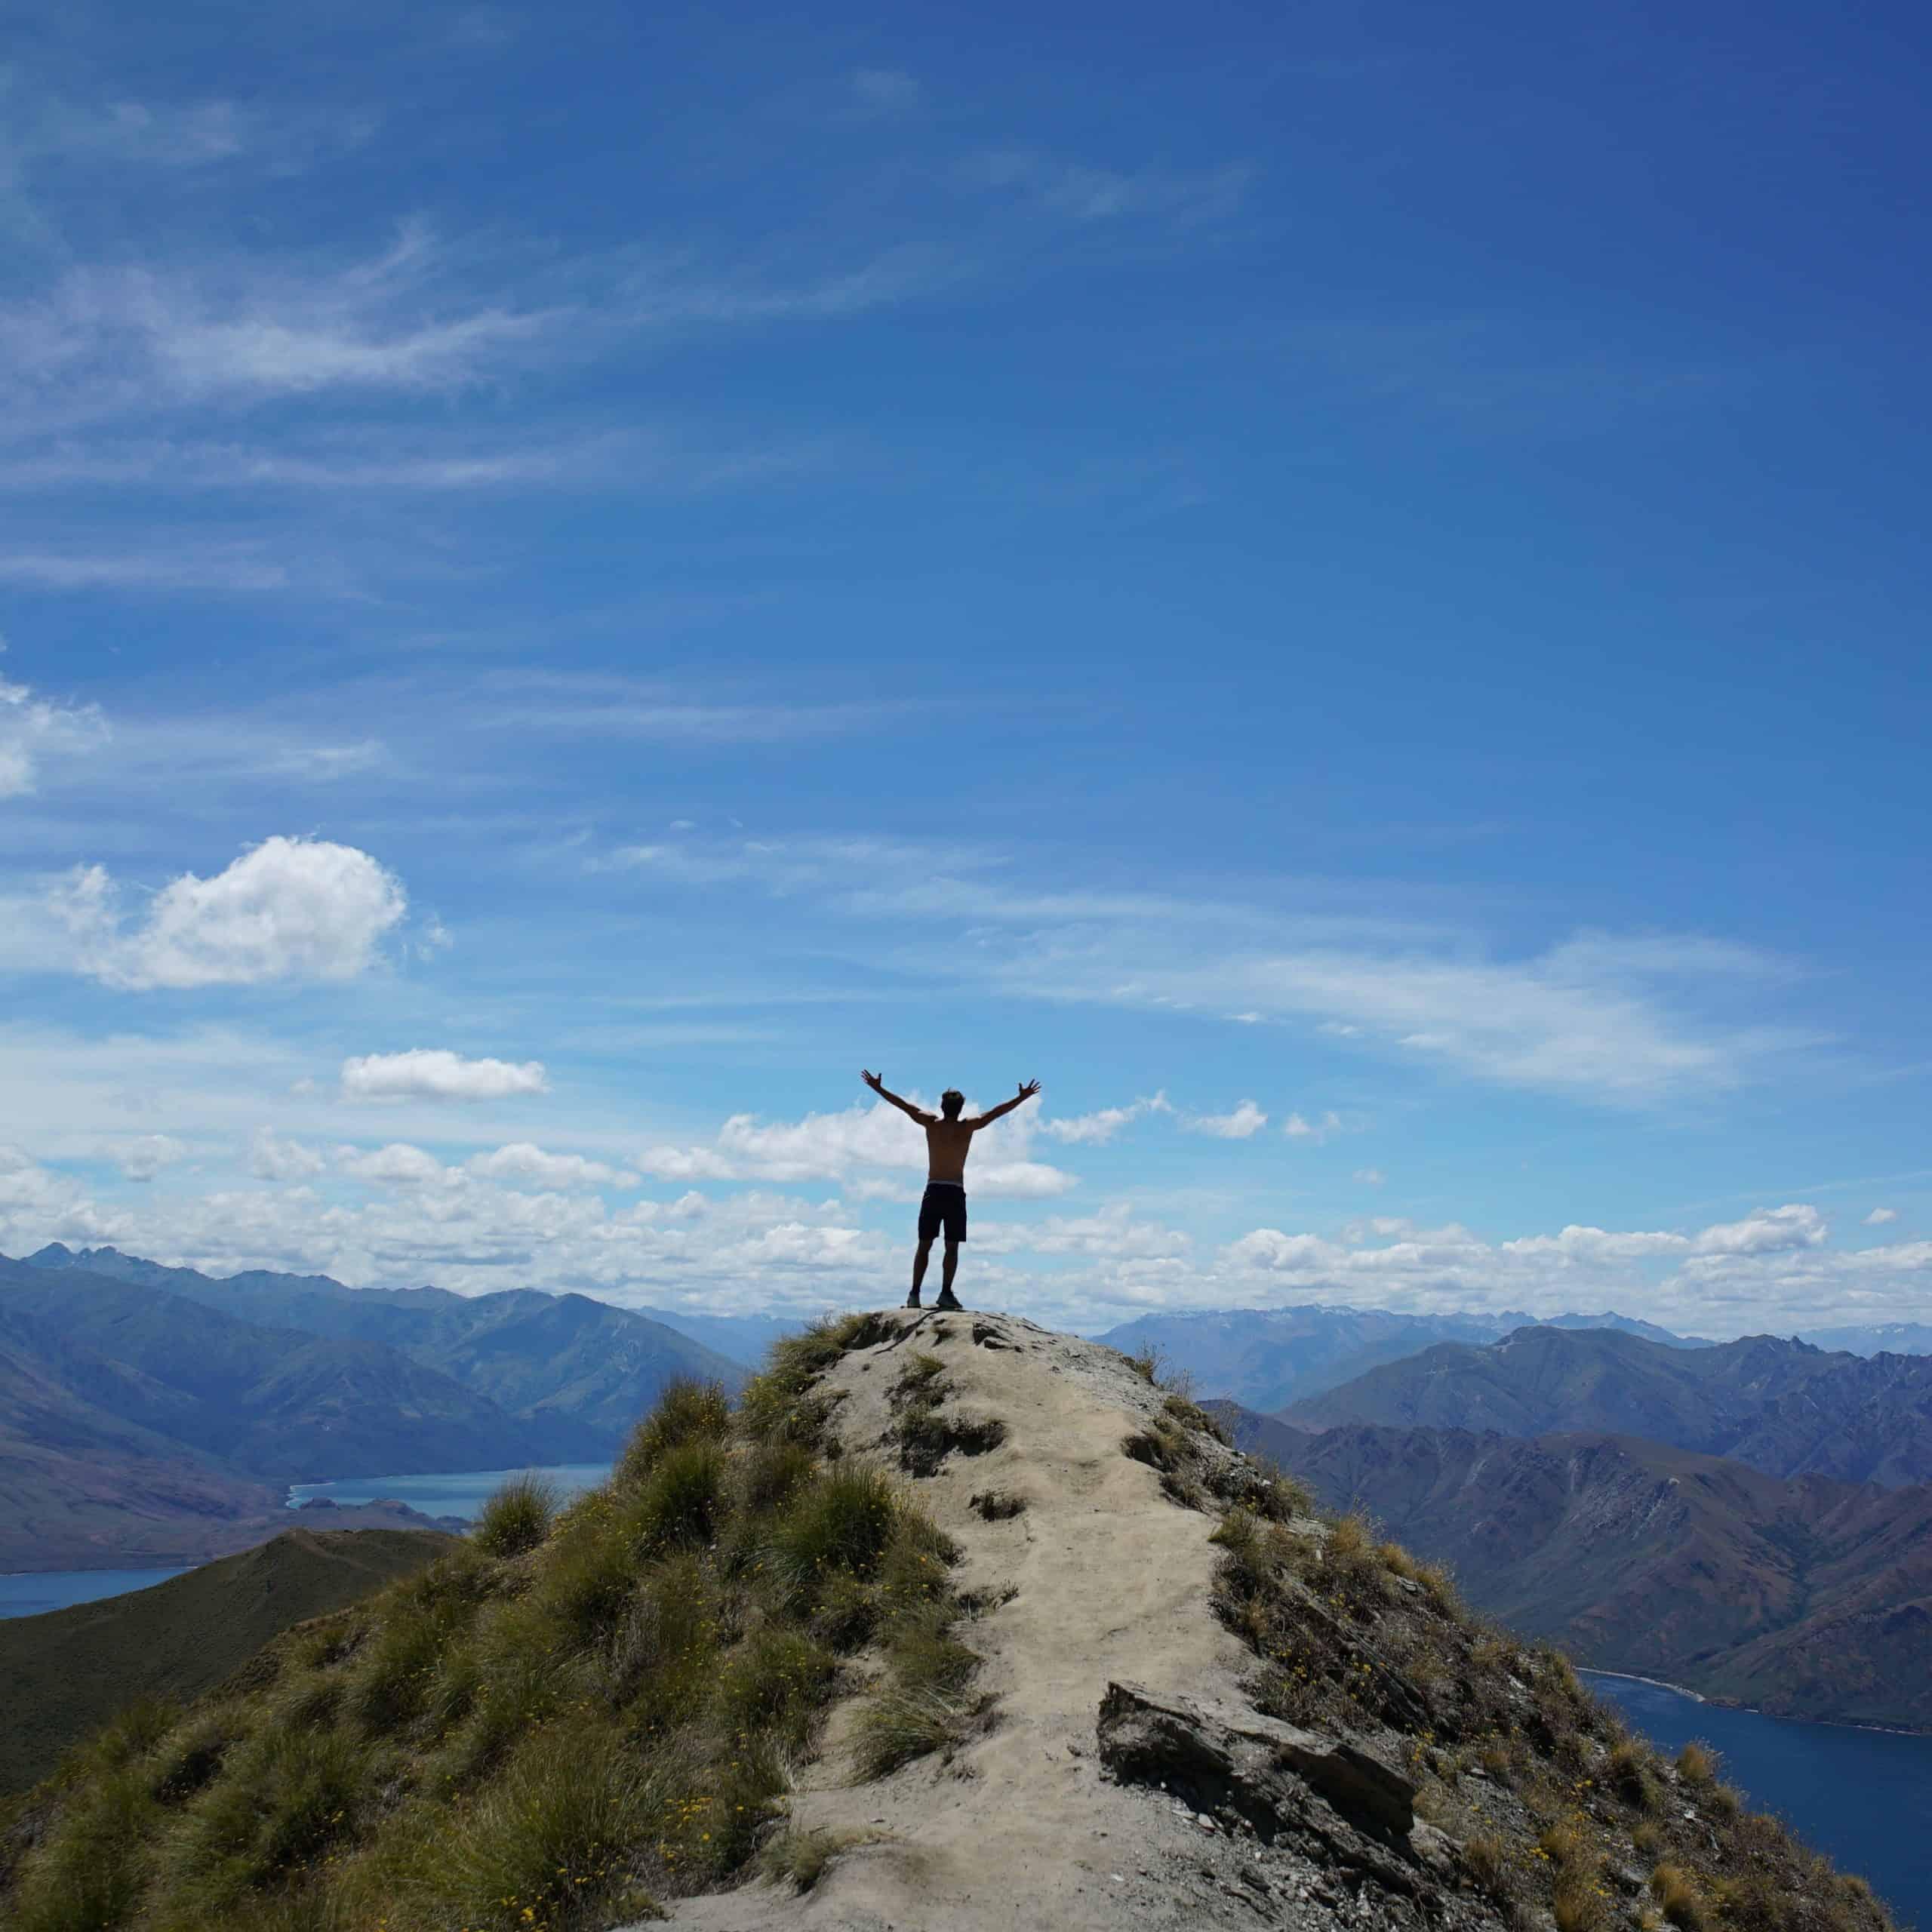 Meditation – Mauricio steht mit nach oben ausgestreckten Armen auf einem Felsen, vor ihm eine Bucht mit Gebirgsmassiv drumherum